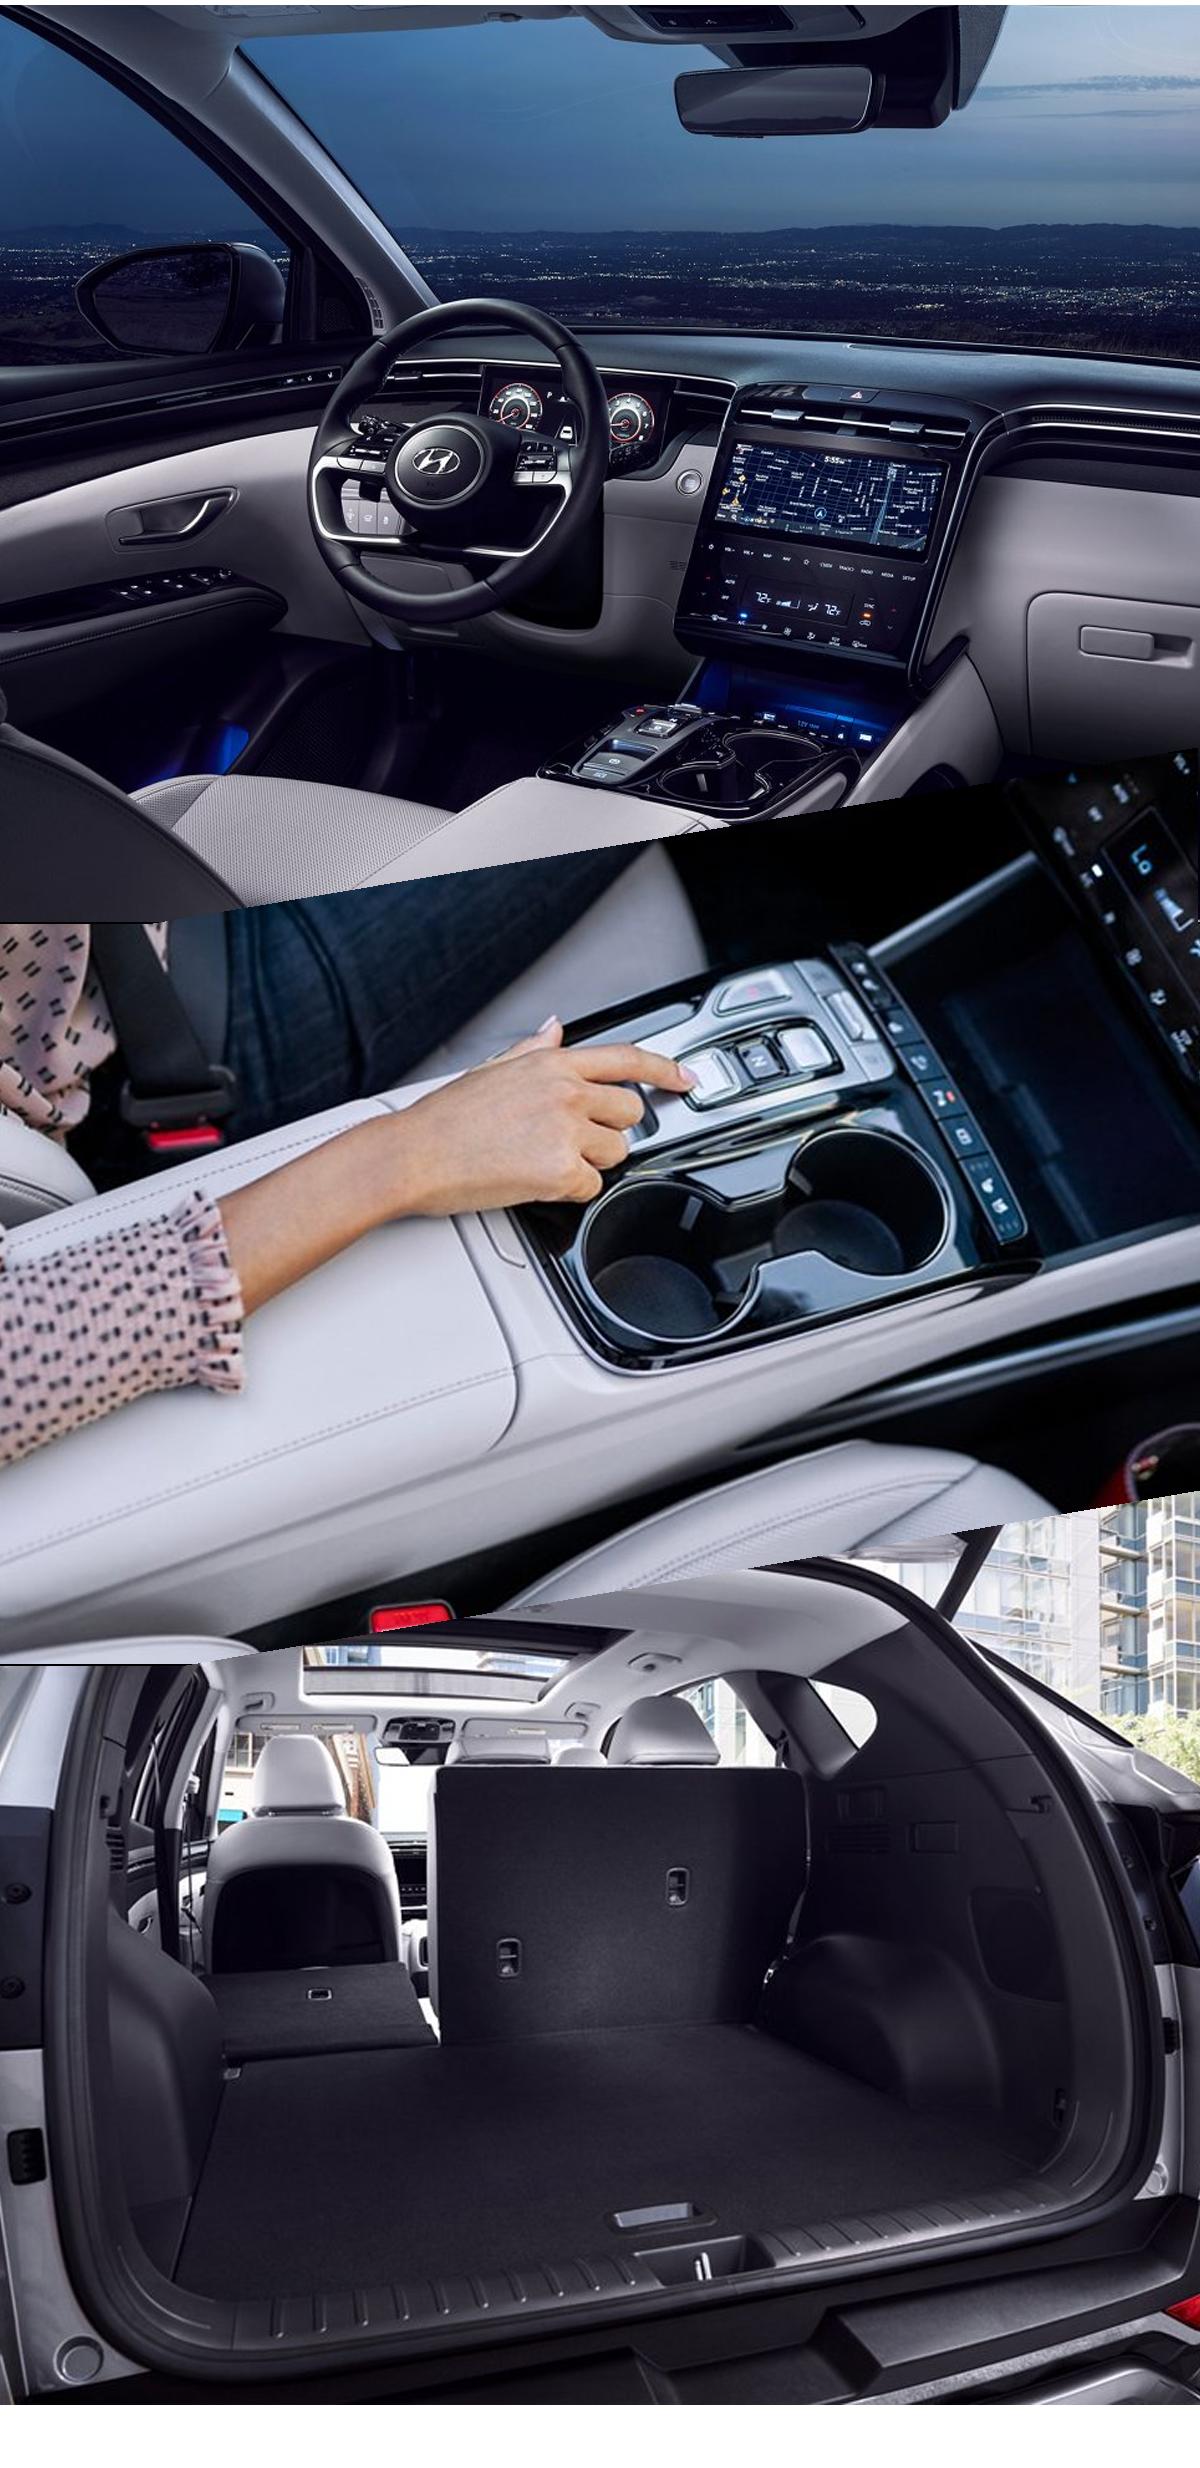 2022 Hyundai Tucson Interior Images